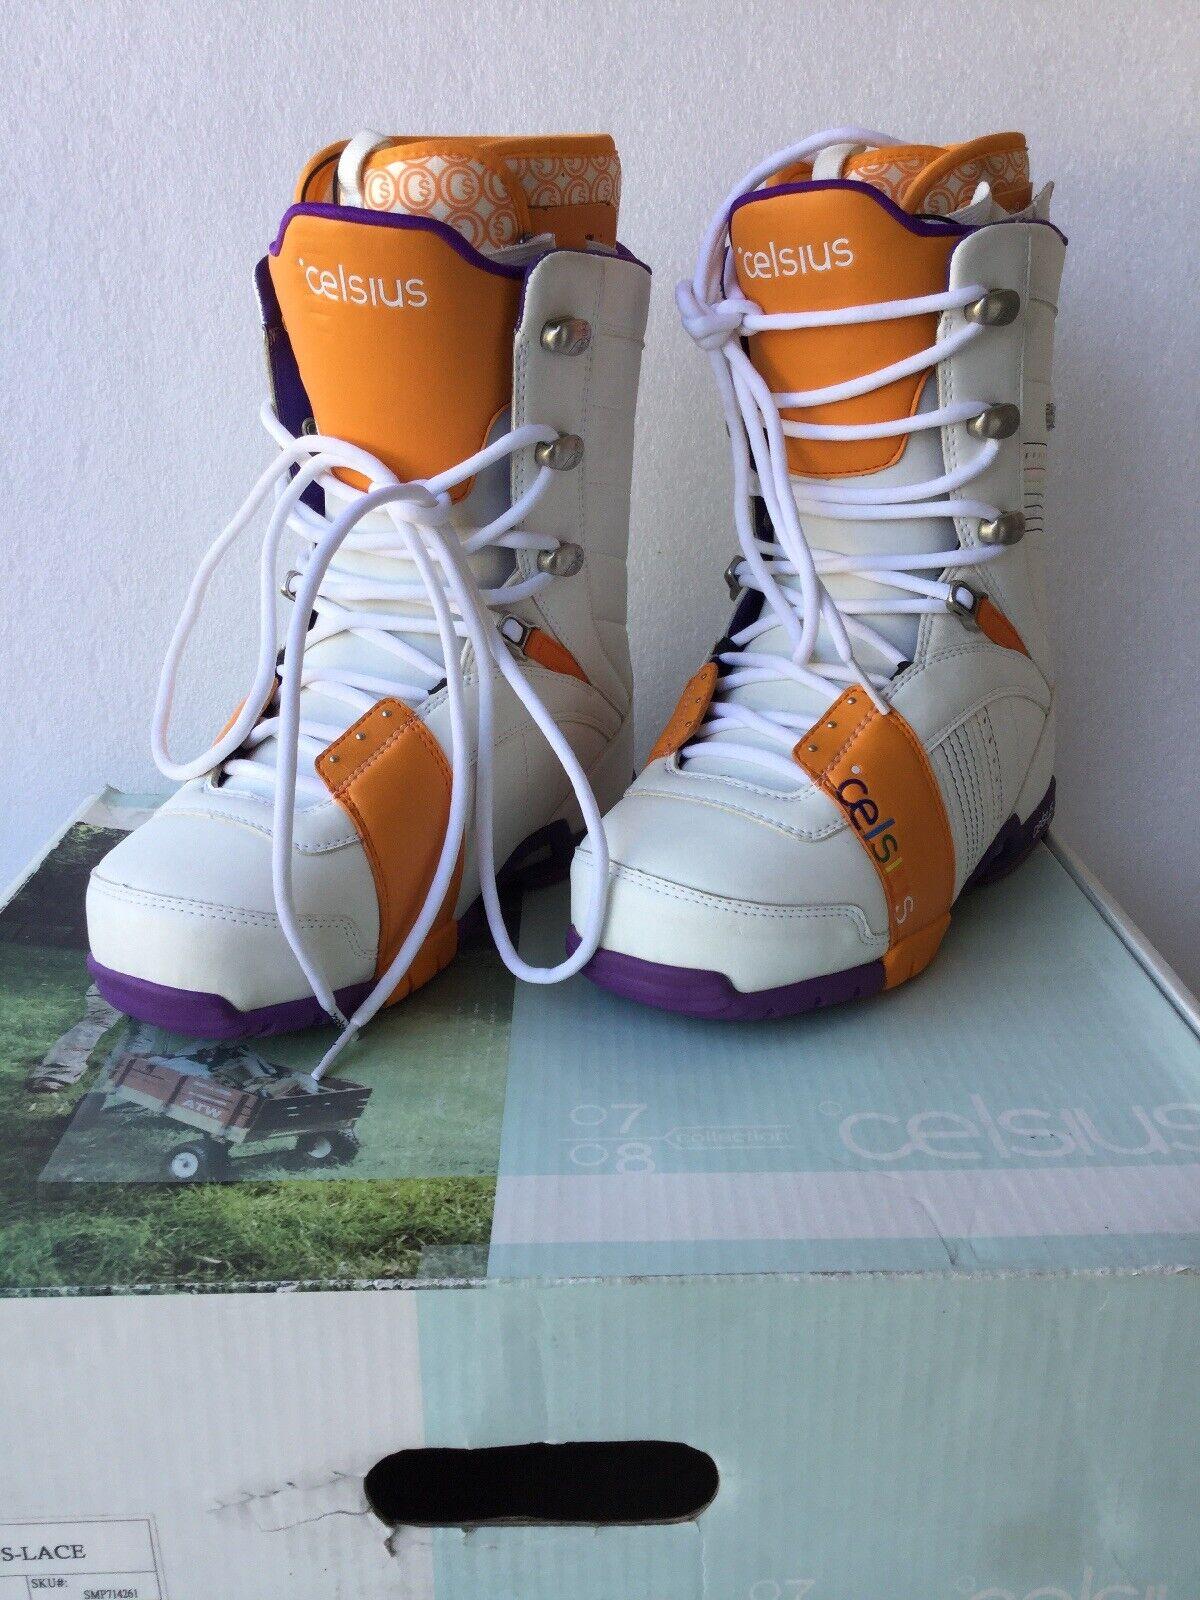 Celsius Cirrus Snowboard Stiefel Rainbow Farbeway Orange Weiß Größe 8.5 Snow Board